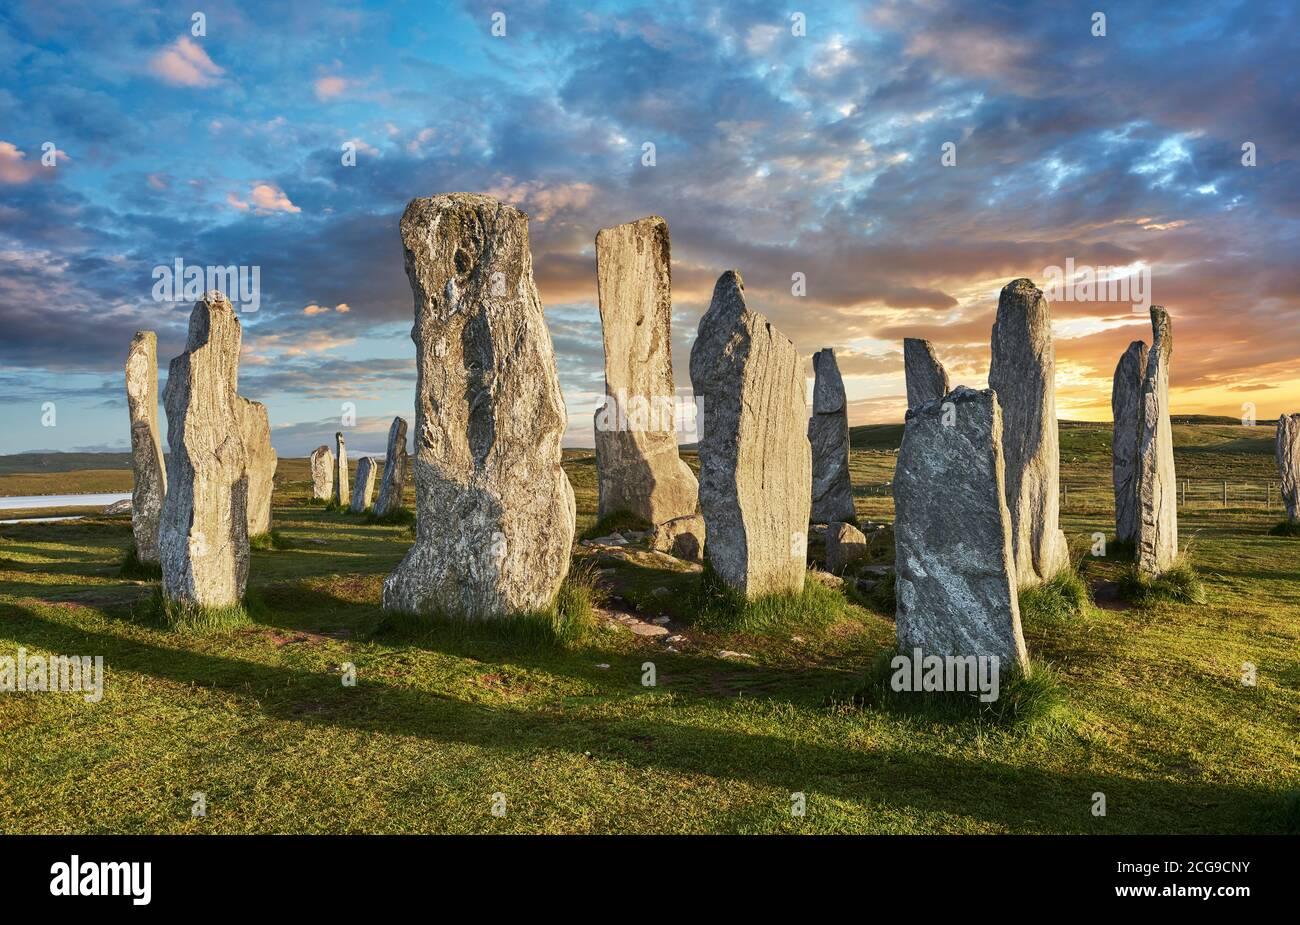 Calanais Standing Stones cercle central en pierre, au coucher du soleil, érigée entre 2900-2600BC mesurant 11 mètres de large. Au centre de l'anneau est un câlin Banque D'Images